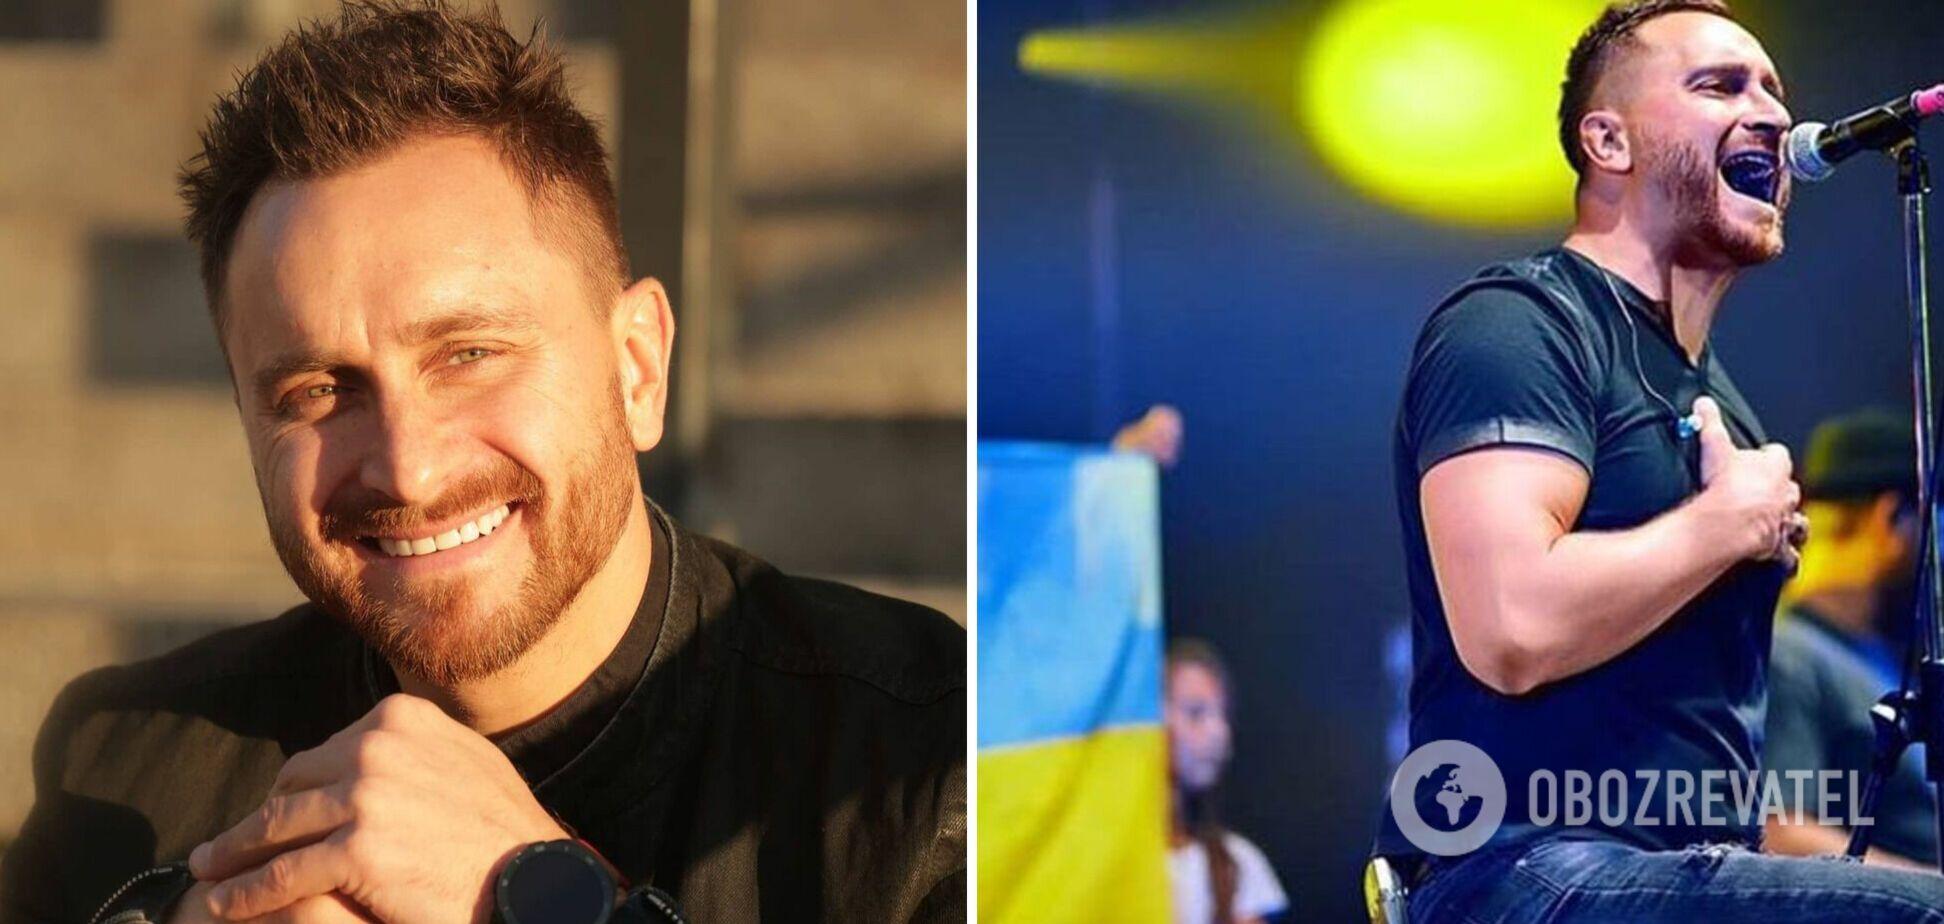 'Потрібно брати з них податки': фронтмен 'Скай' – про концерти українських артистів у РФ. Відео